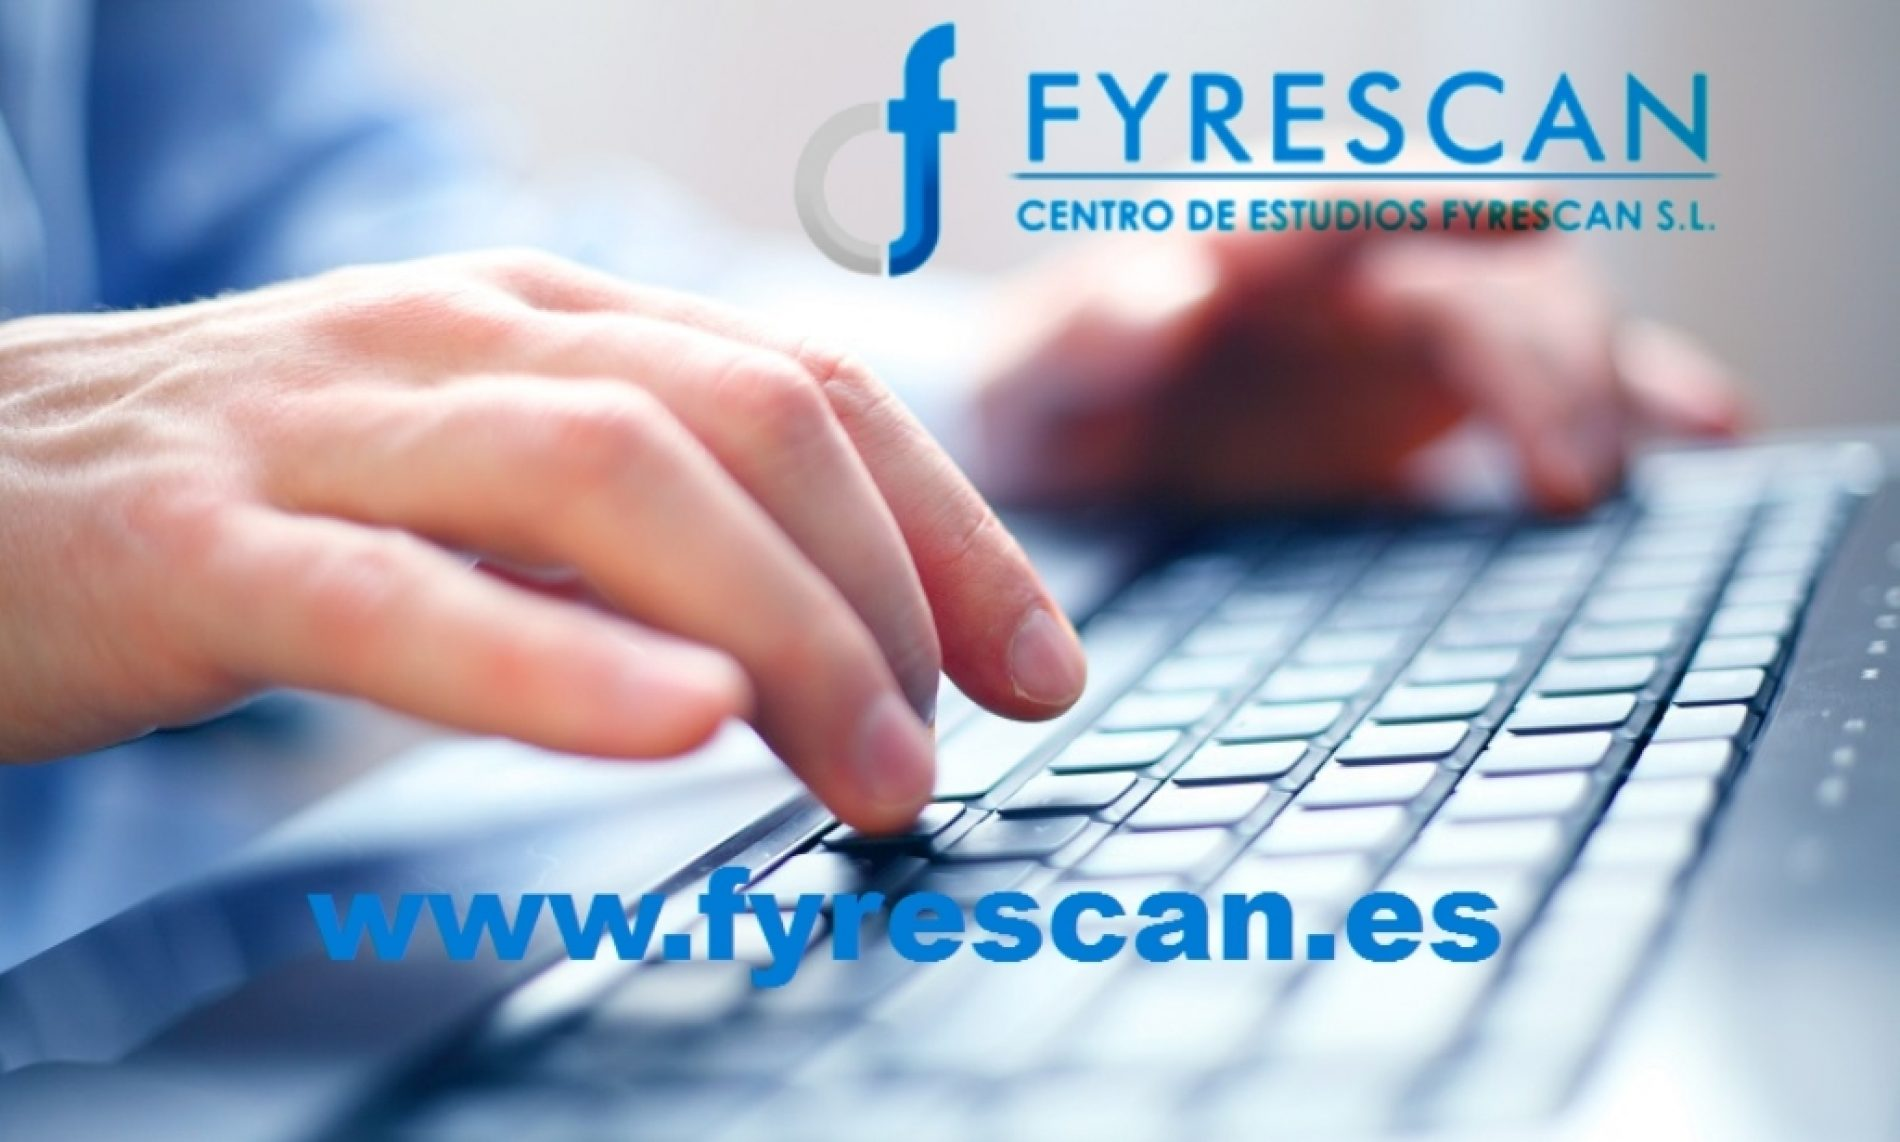 Fyrescan estrena Web